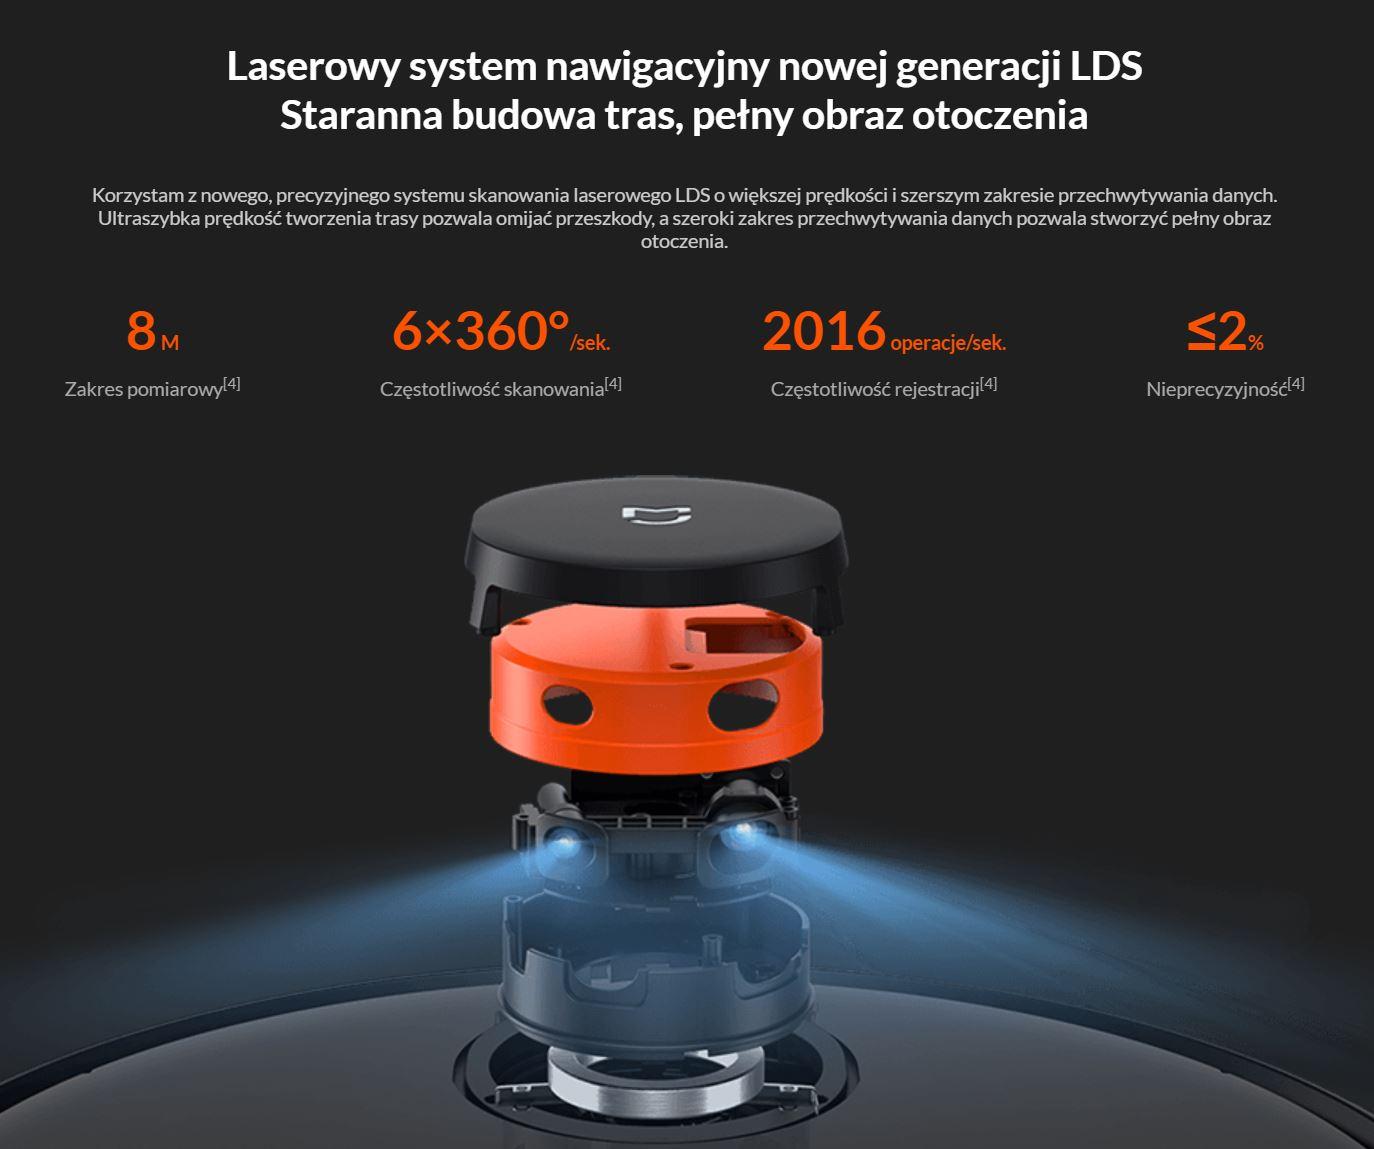 Najpopularniejsze roboty sprzątające - TOP 10 - Xiaomi Mi Robot PRO - laserowa nawigacja LDS